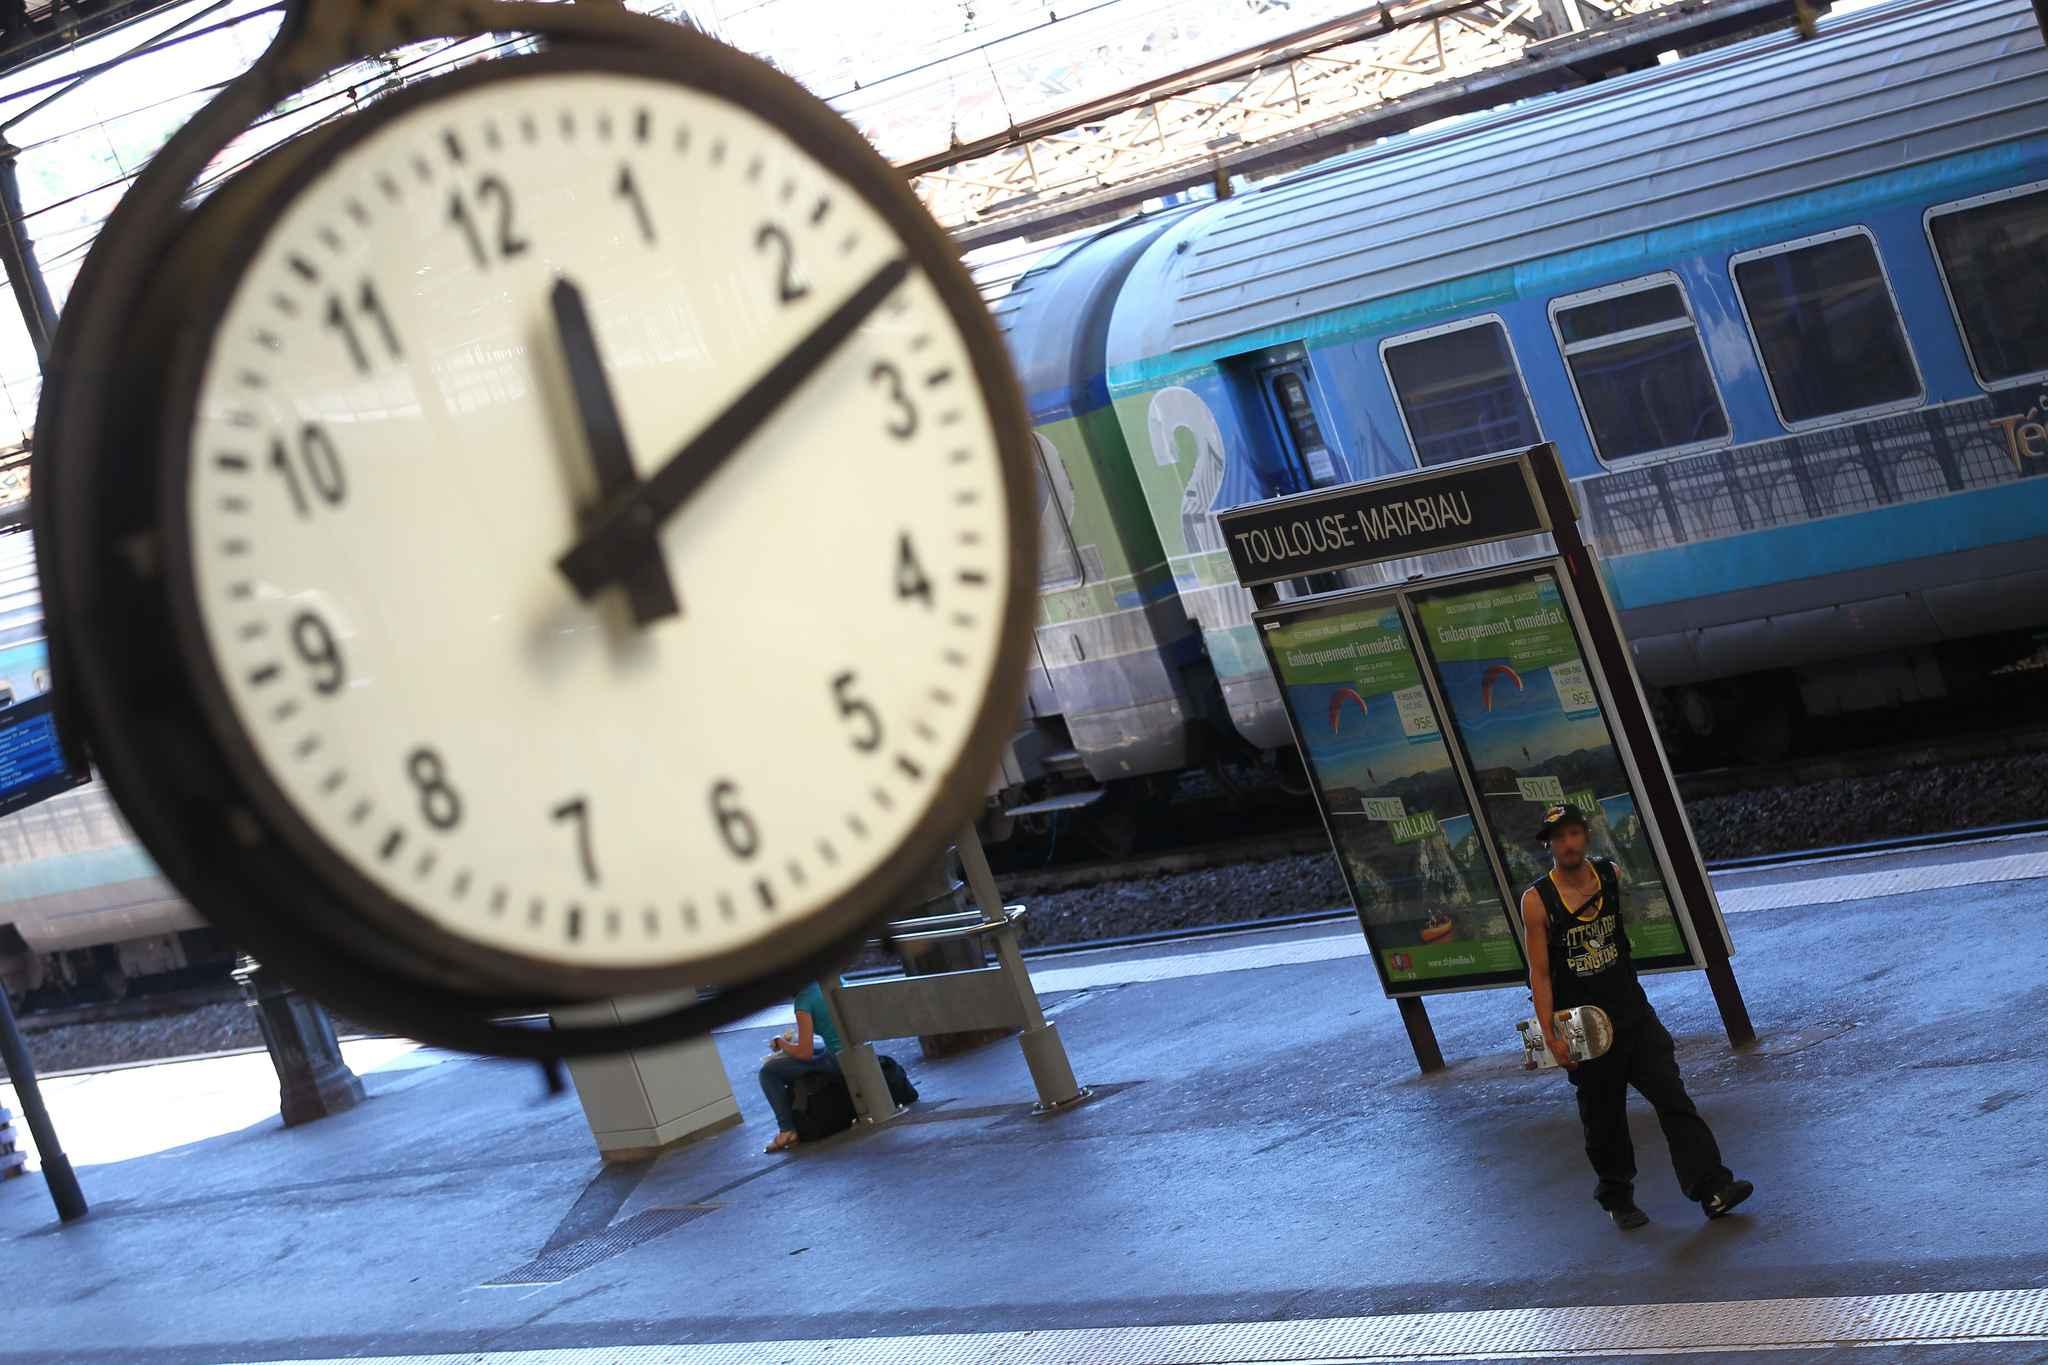 Toulouse. Le corps d'un homme découvert dans les toilettes d'un train